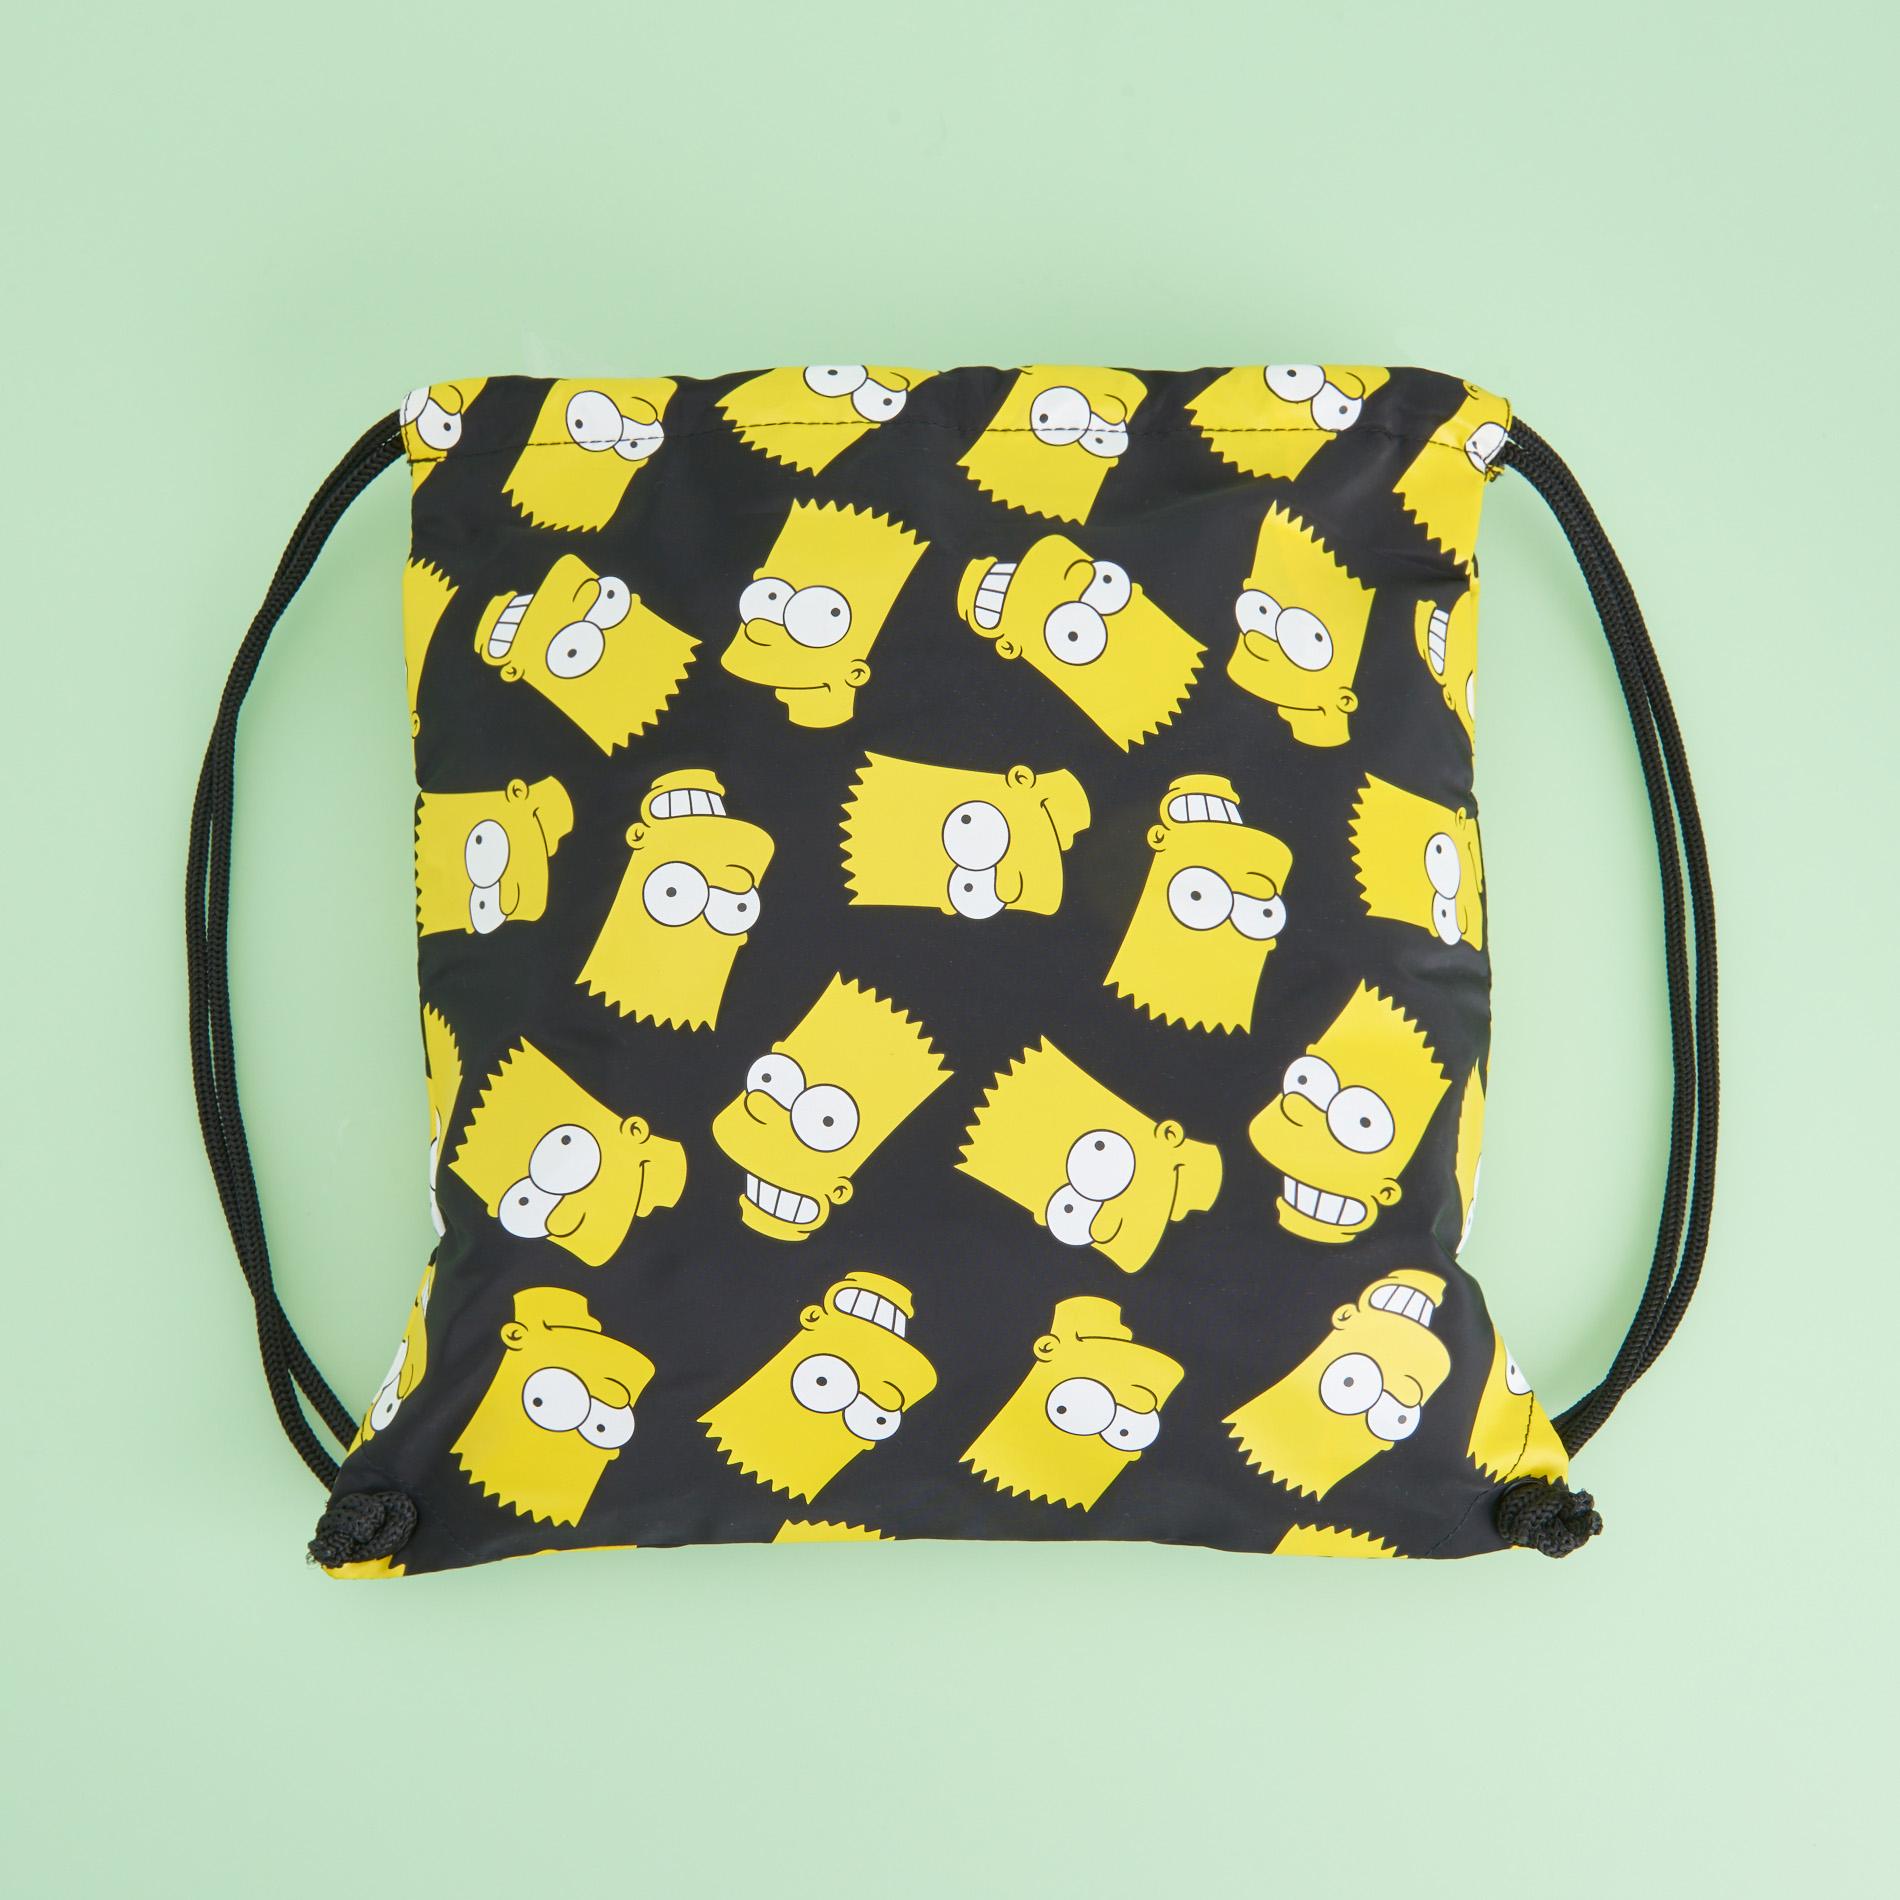 Plecak The Simpsons za 19,99zł (odbiór w sklepie gratis) @ Reserved